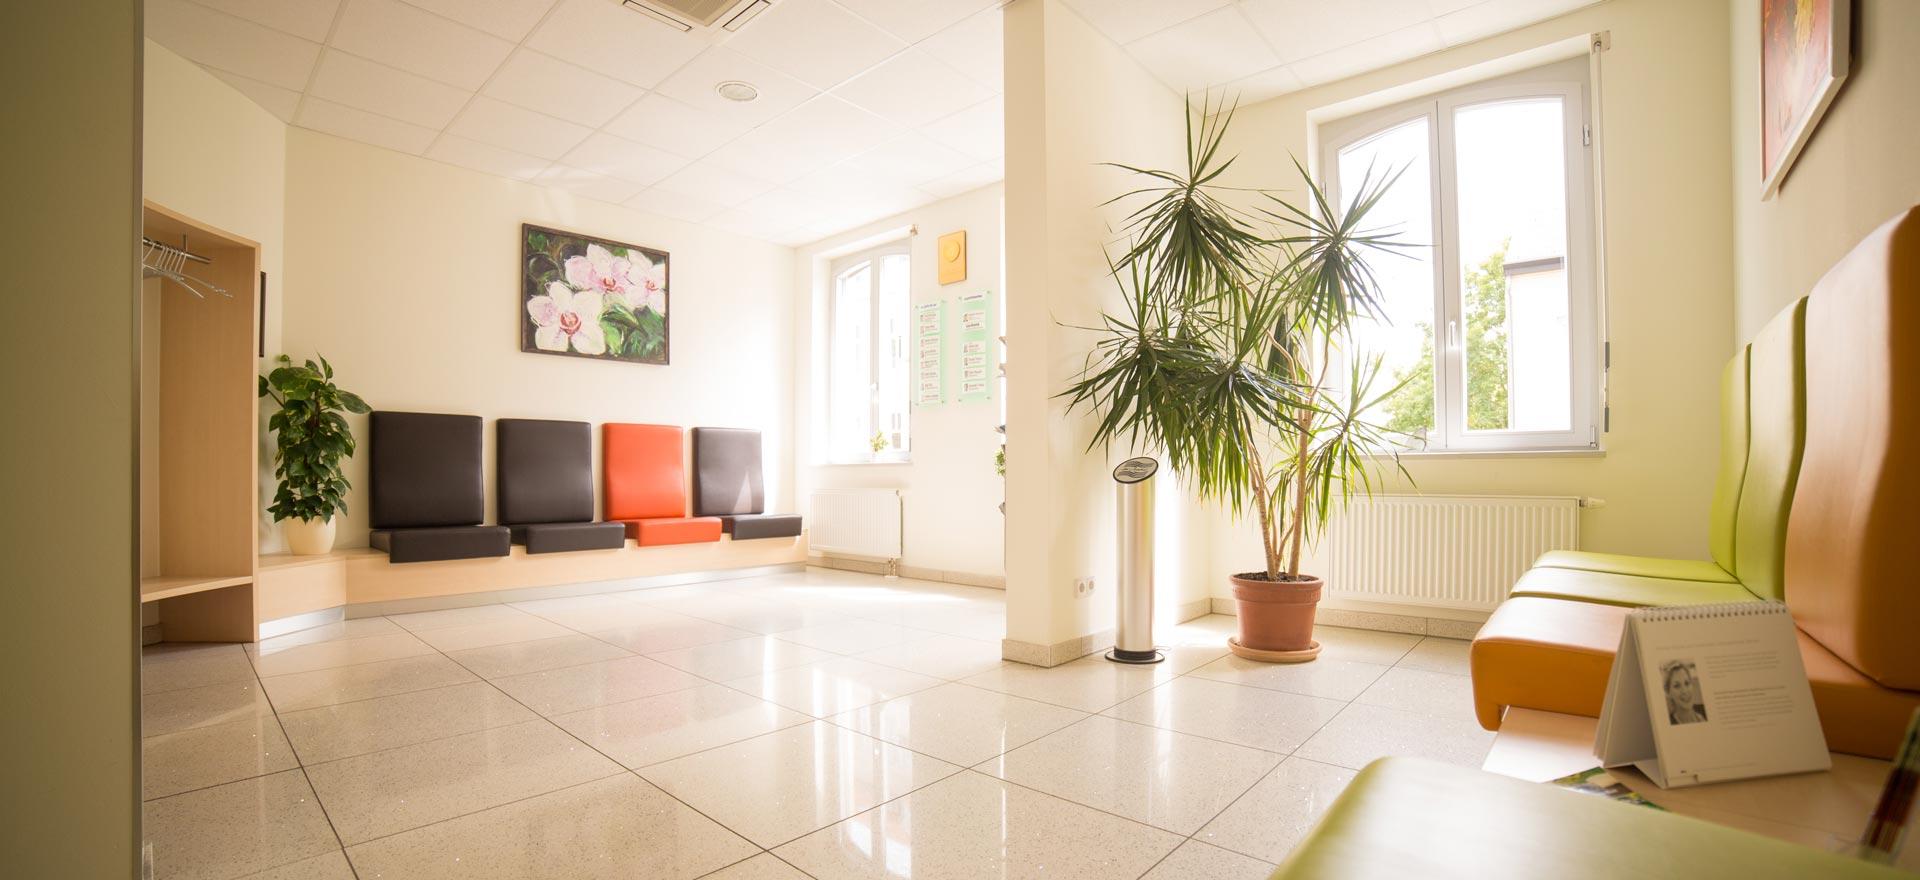 Warteraum für Patienten, die sich in Berlin mit Zahnimplantaten behandeln lassen möchten.